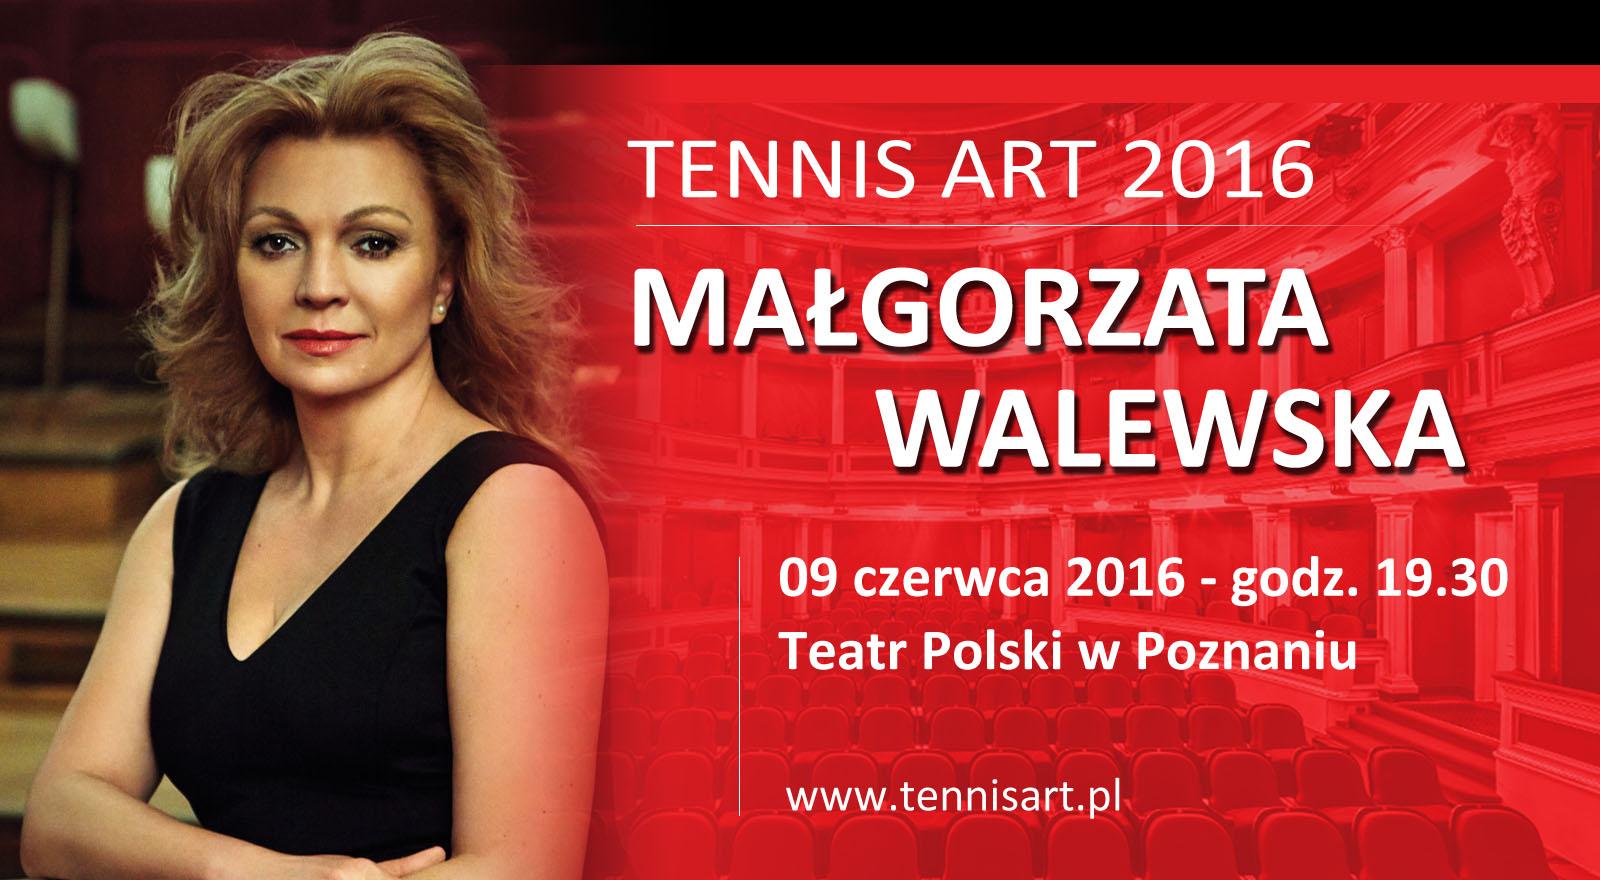 art-cup-2016-Walewska-slajd-02-1600x880_02